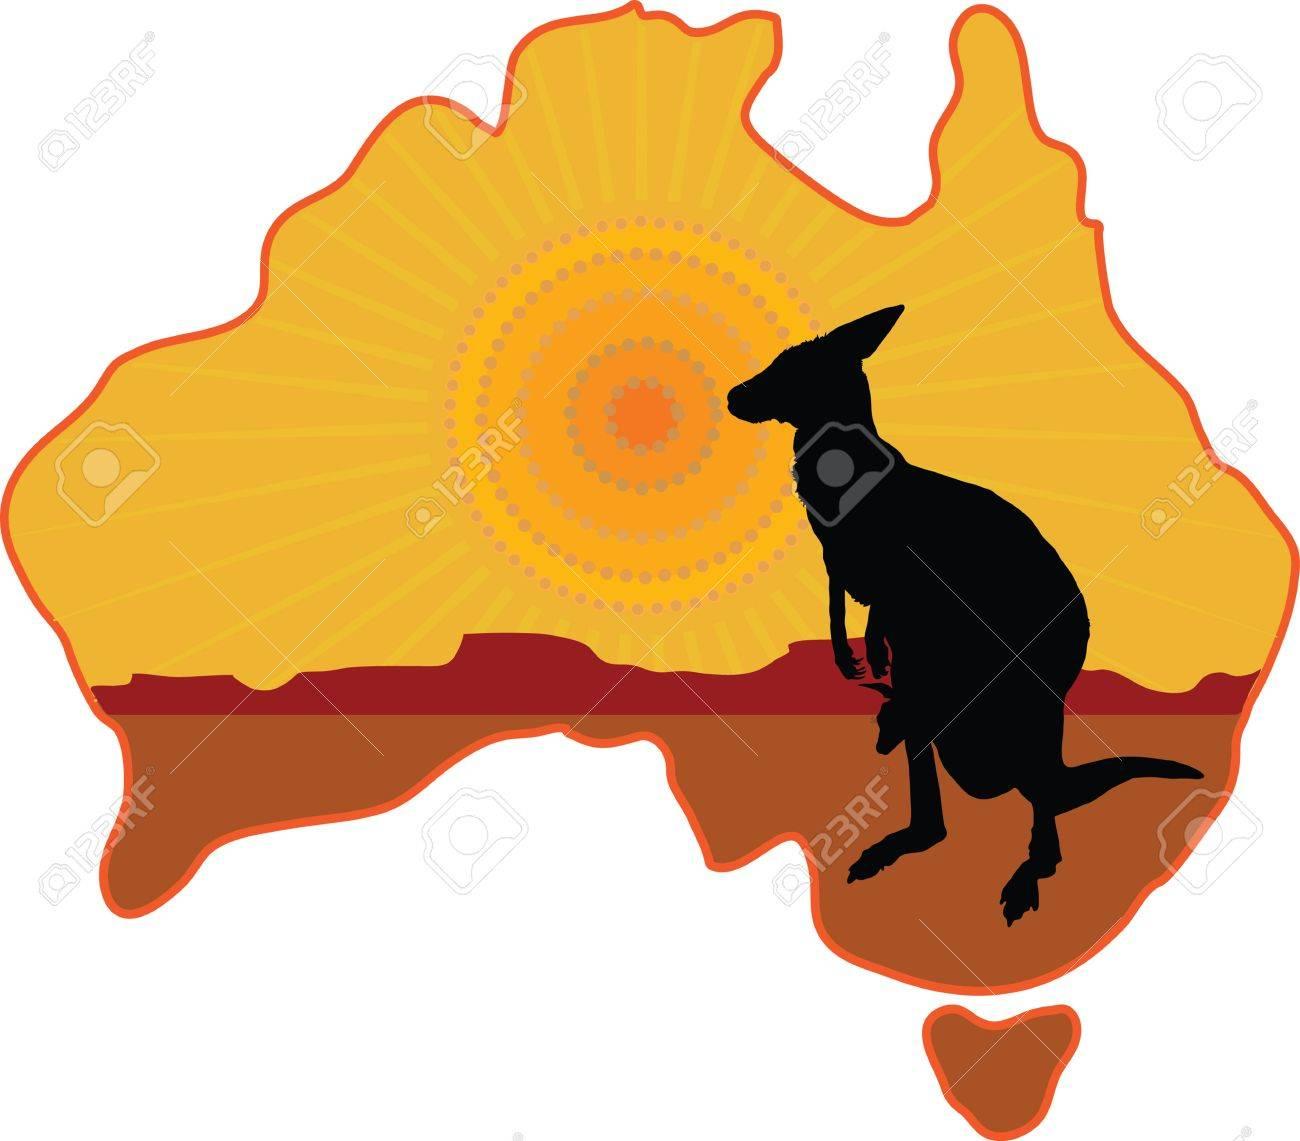 Eine Stilisierte Karte Von Australien Mit Einer Silhouette Eines ...